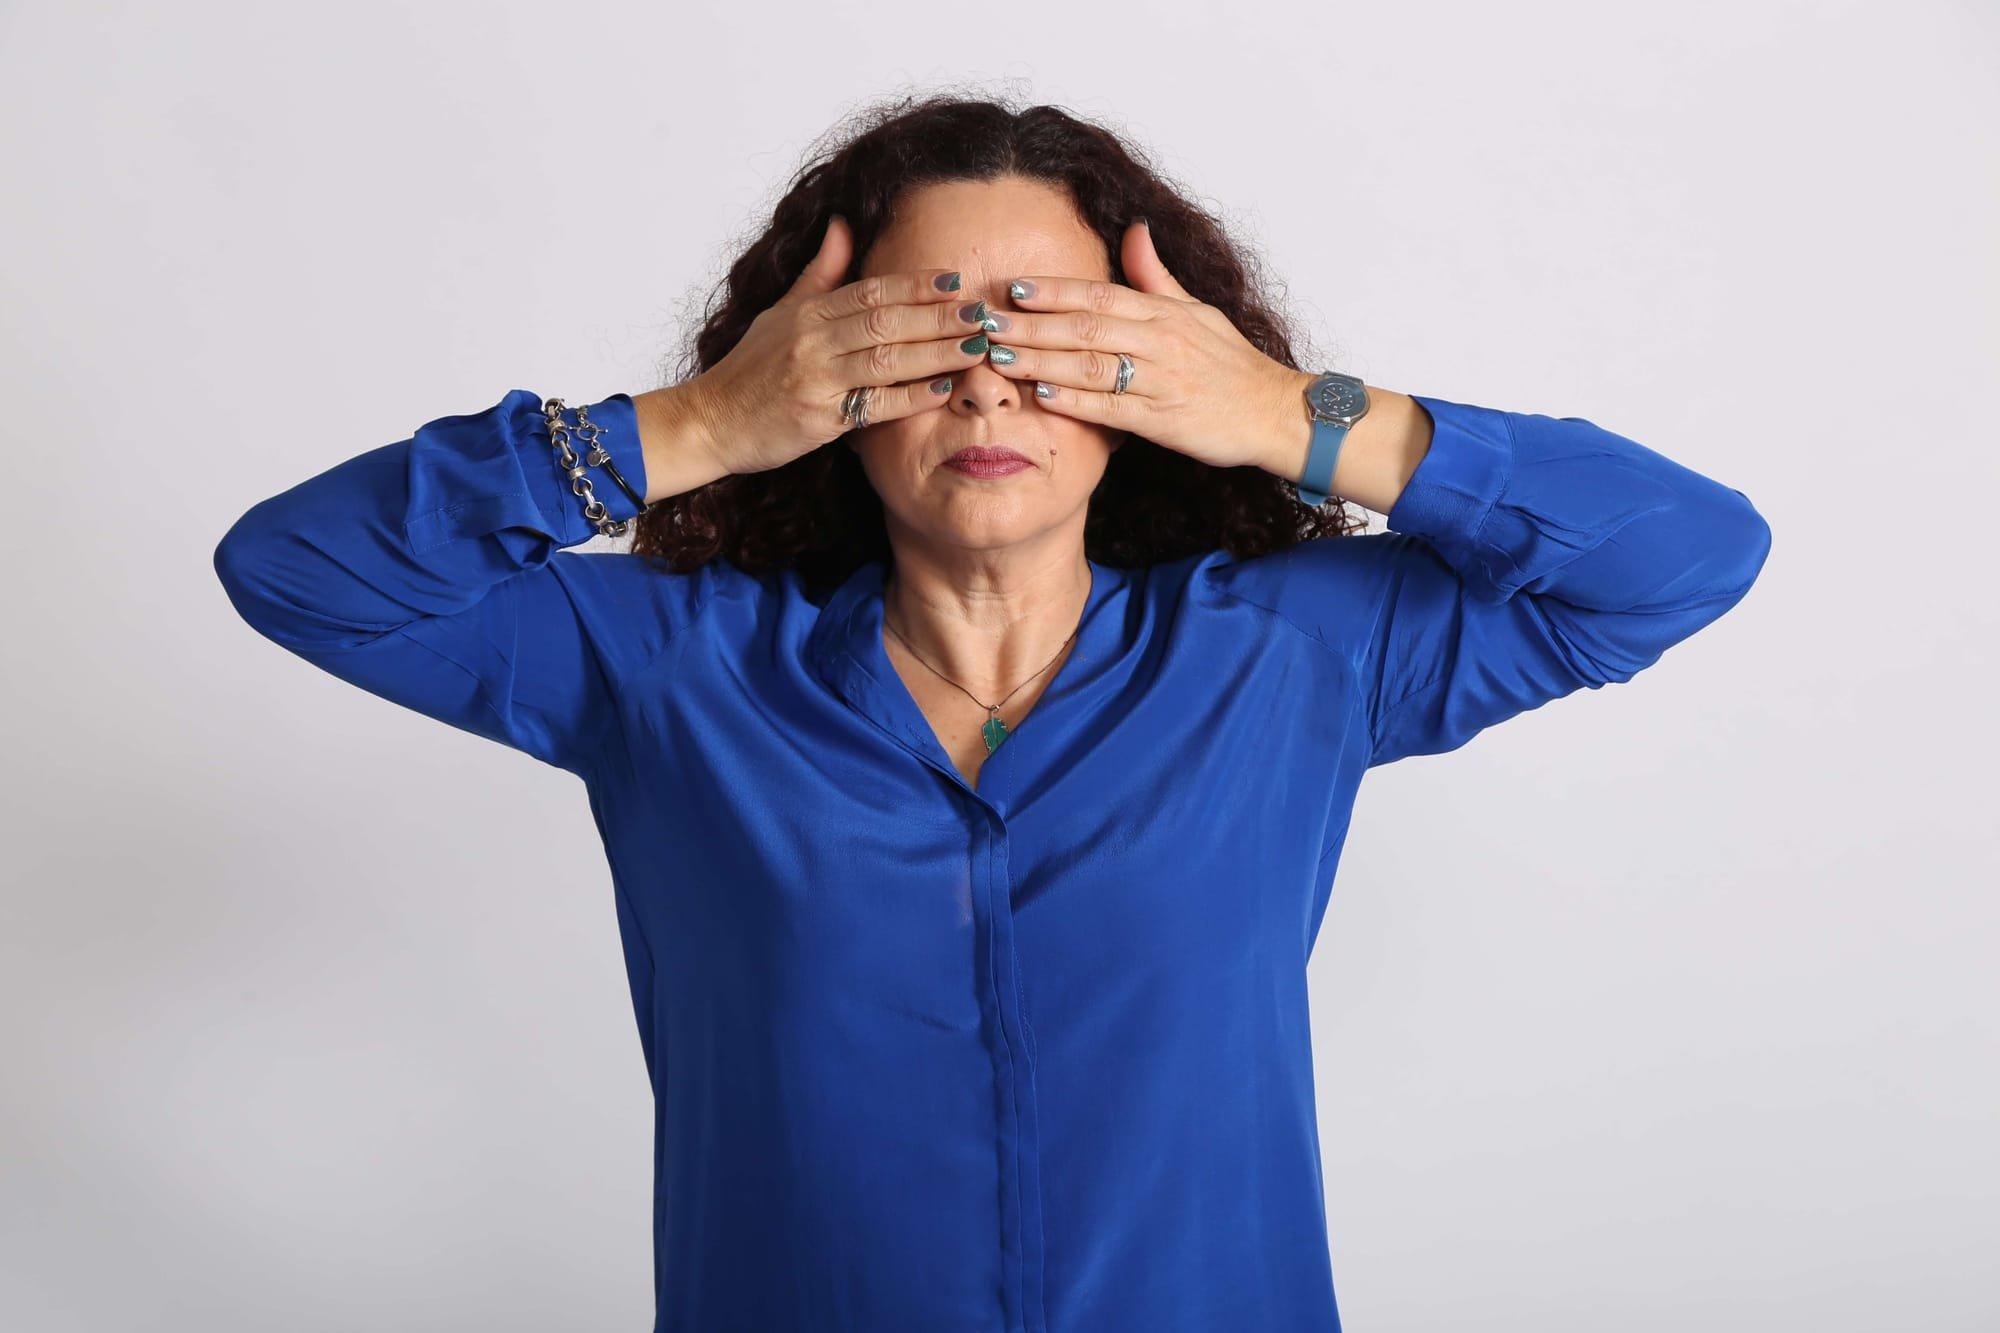 רוית רדיאן, בין ים ושמיים, אימון אישי, אימון עסקי, אימון בתהליכי שינוי, התמודדות עם אי וודאות